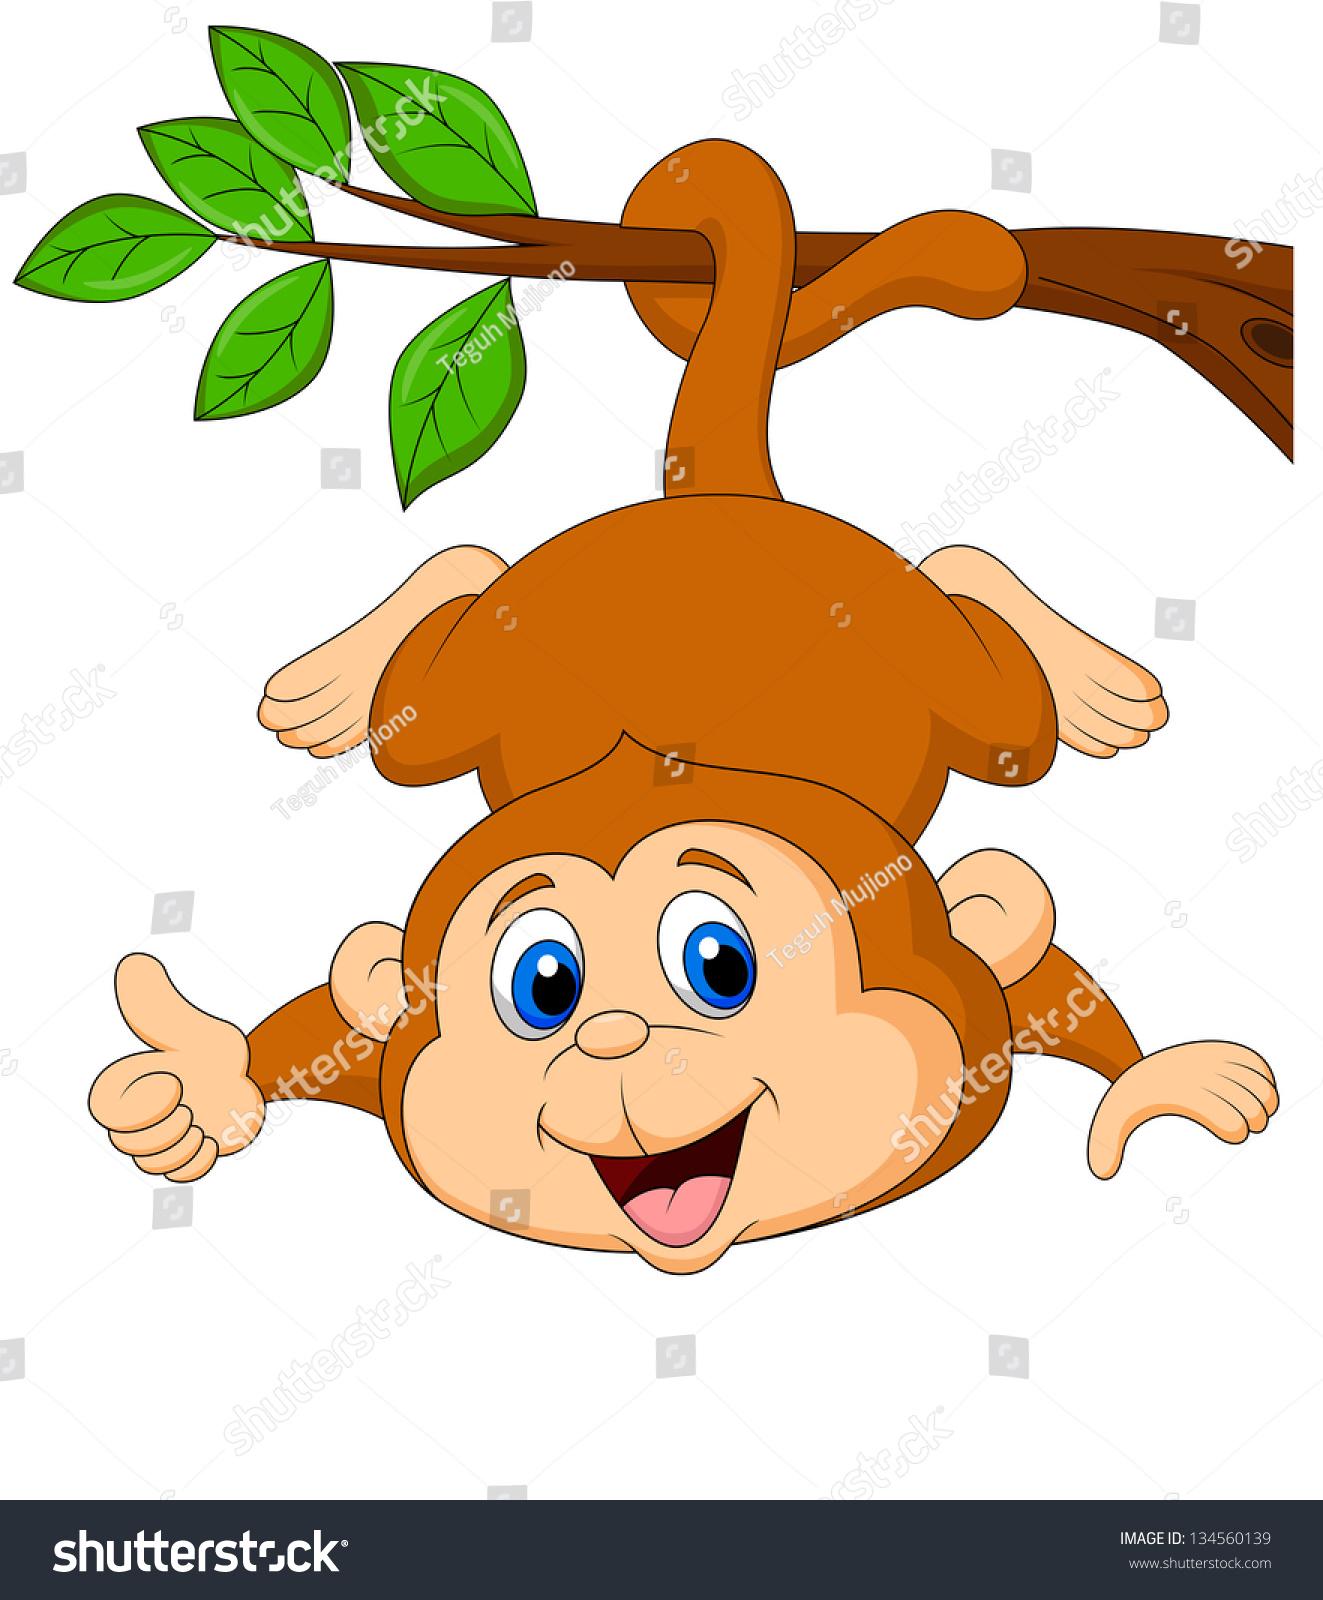 可爱的猴子卡通挂伸出大拇指-动物/野生生物-海洛